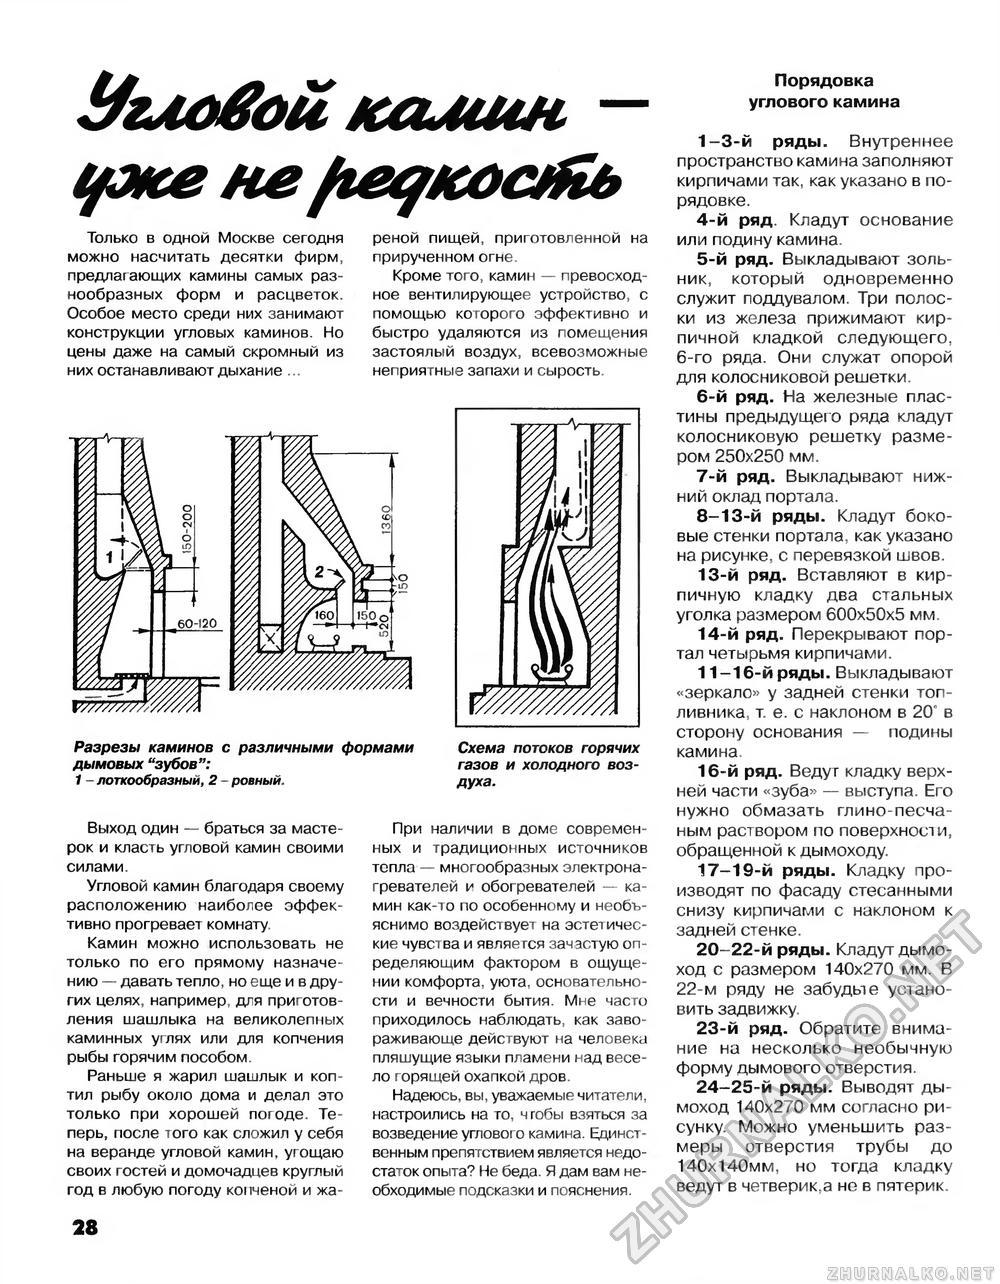 Советы профессионалов 2000 02 страница 28